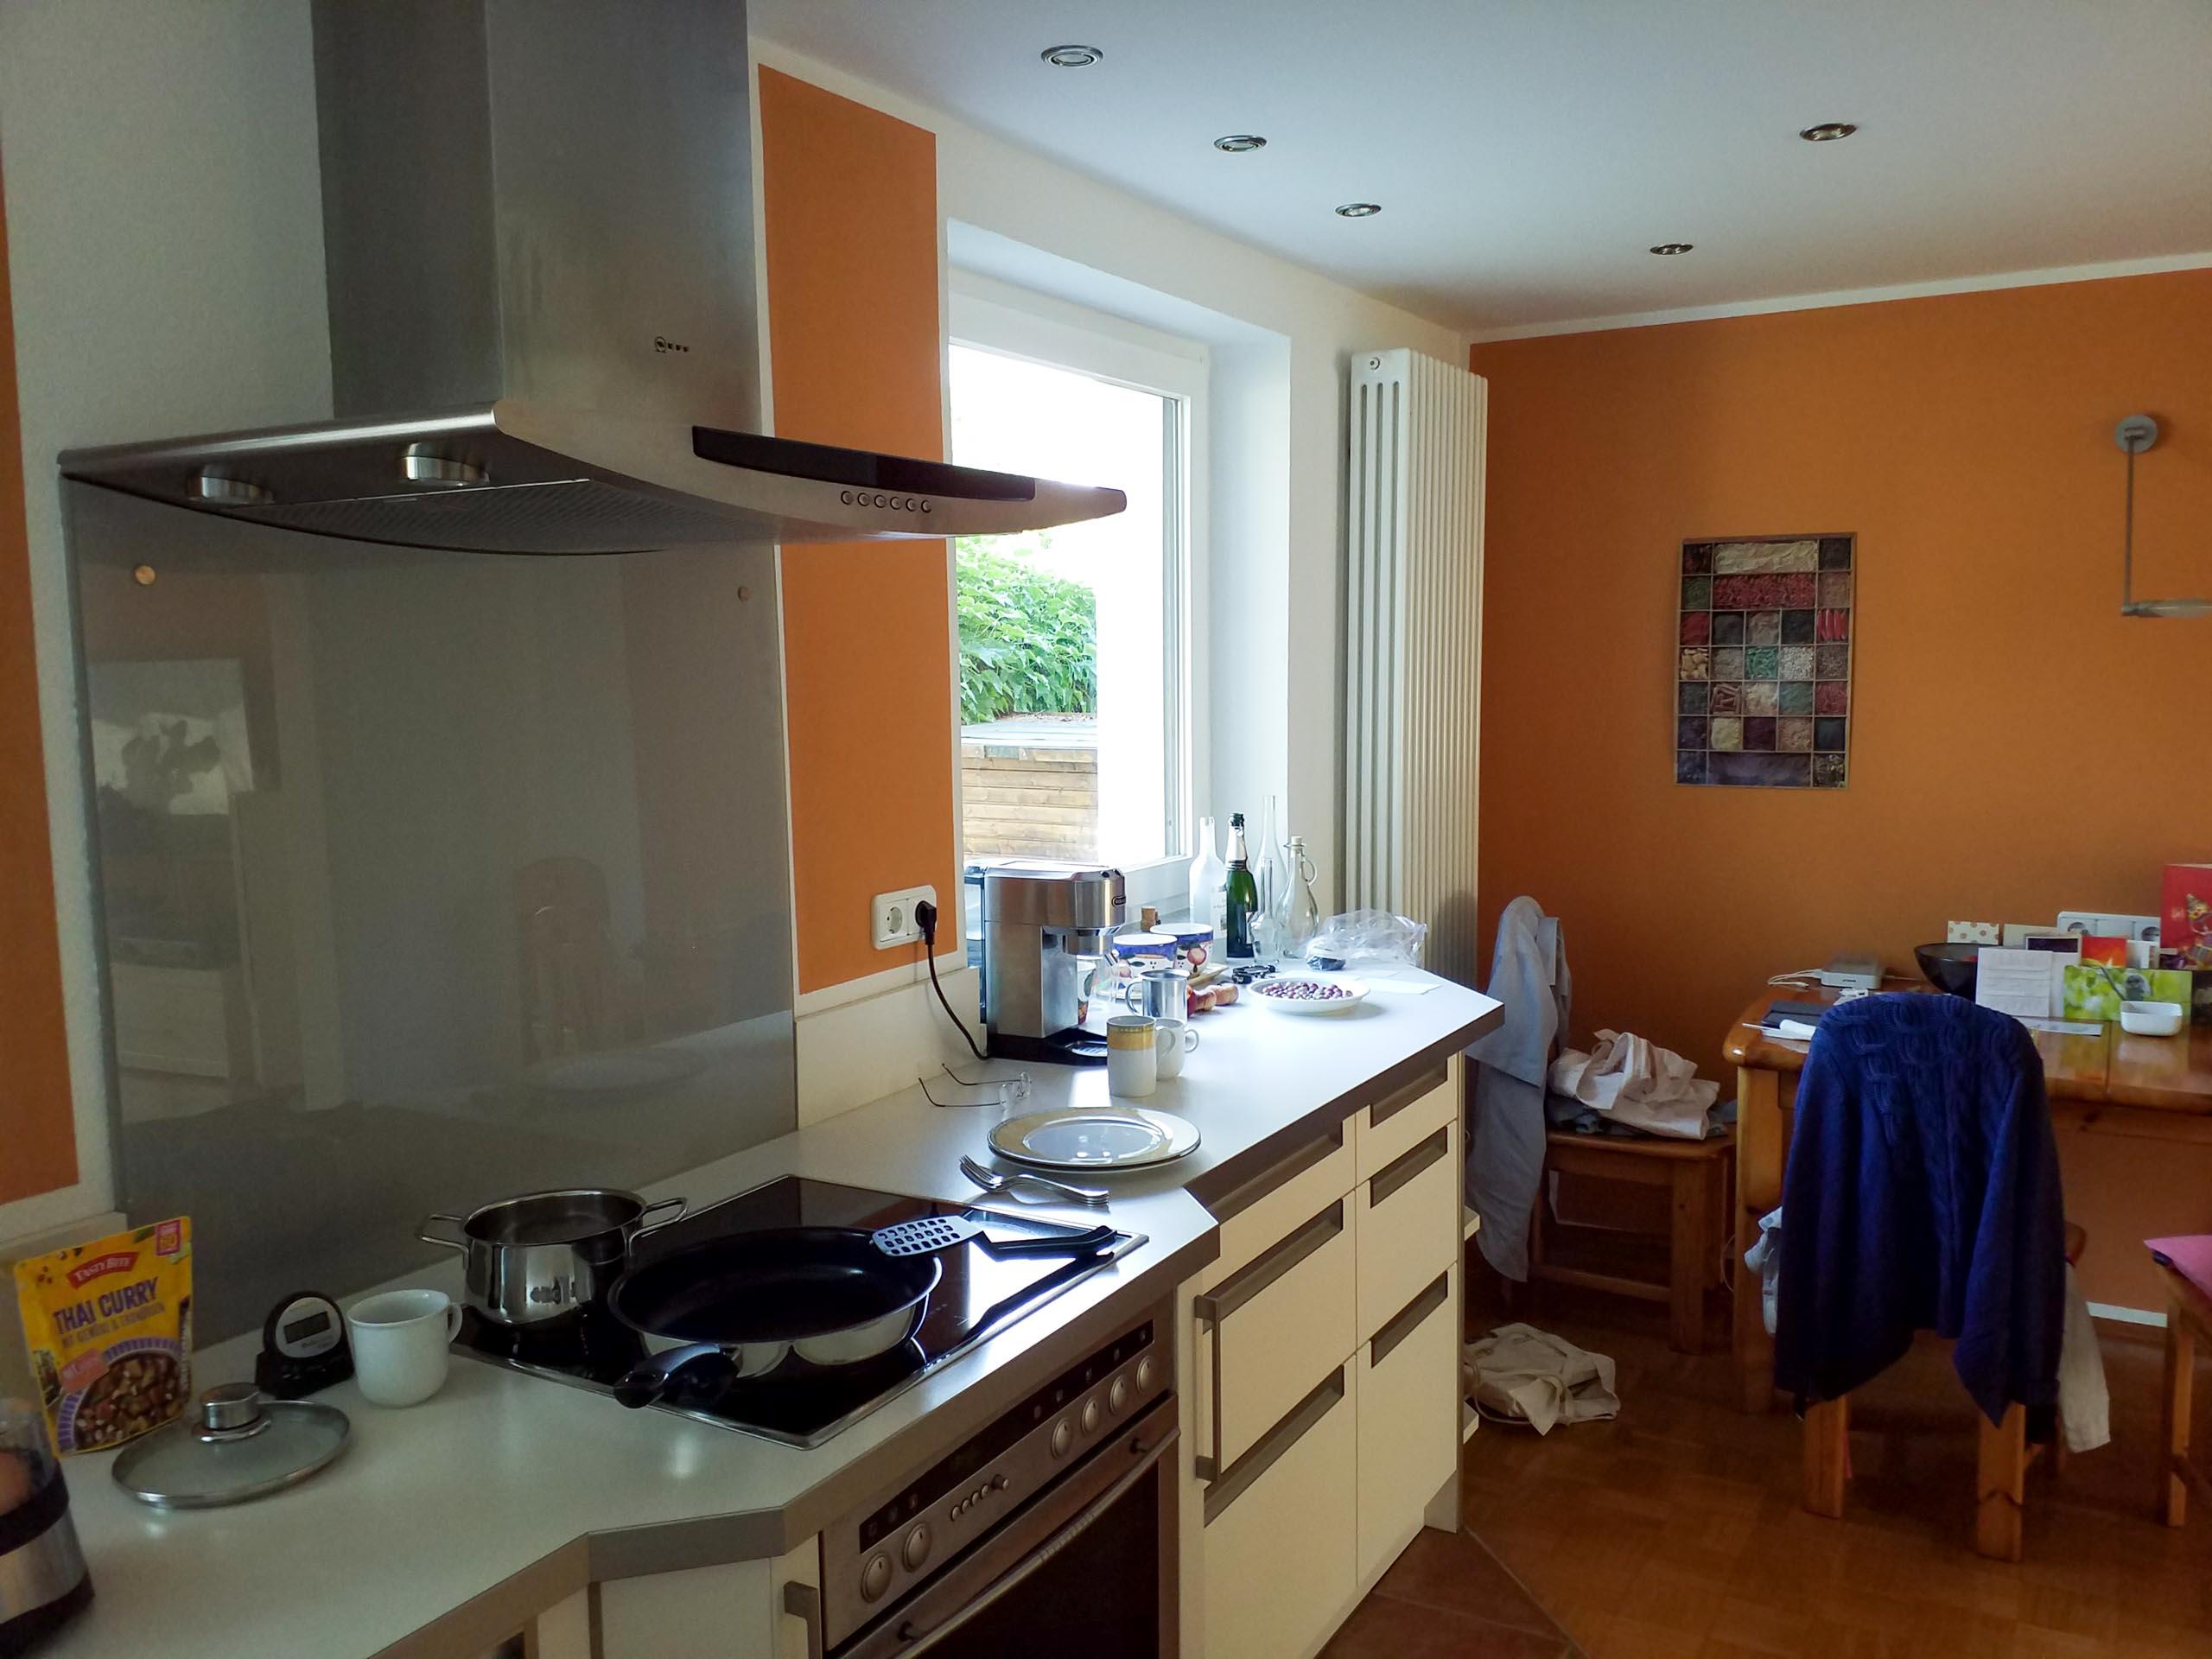 HA 2020 5 kitchen 003